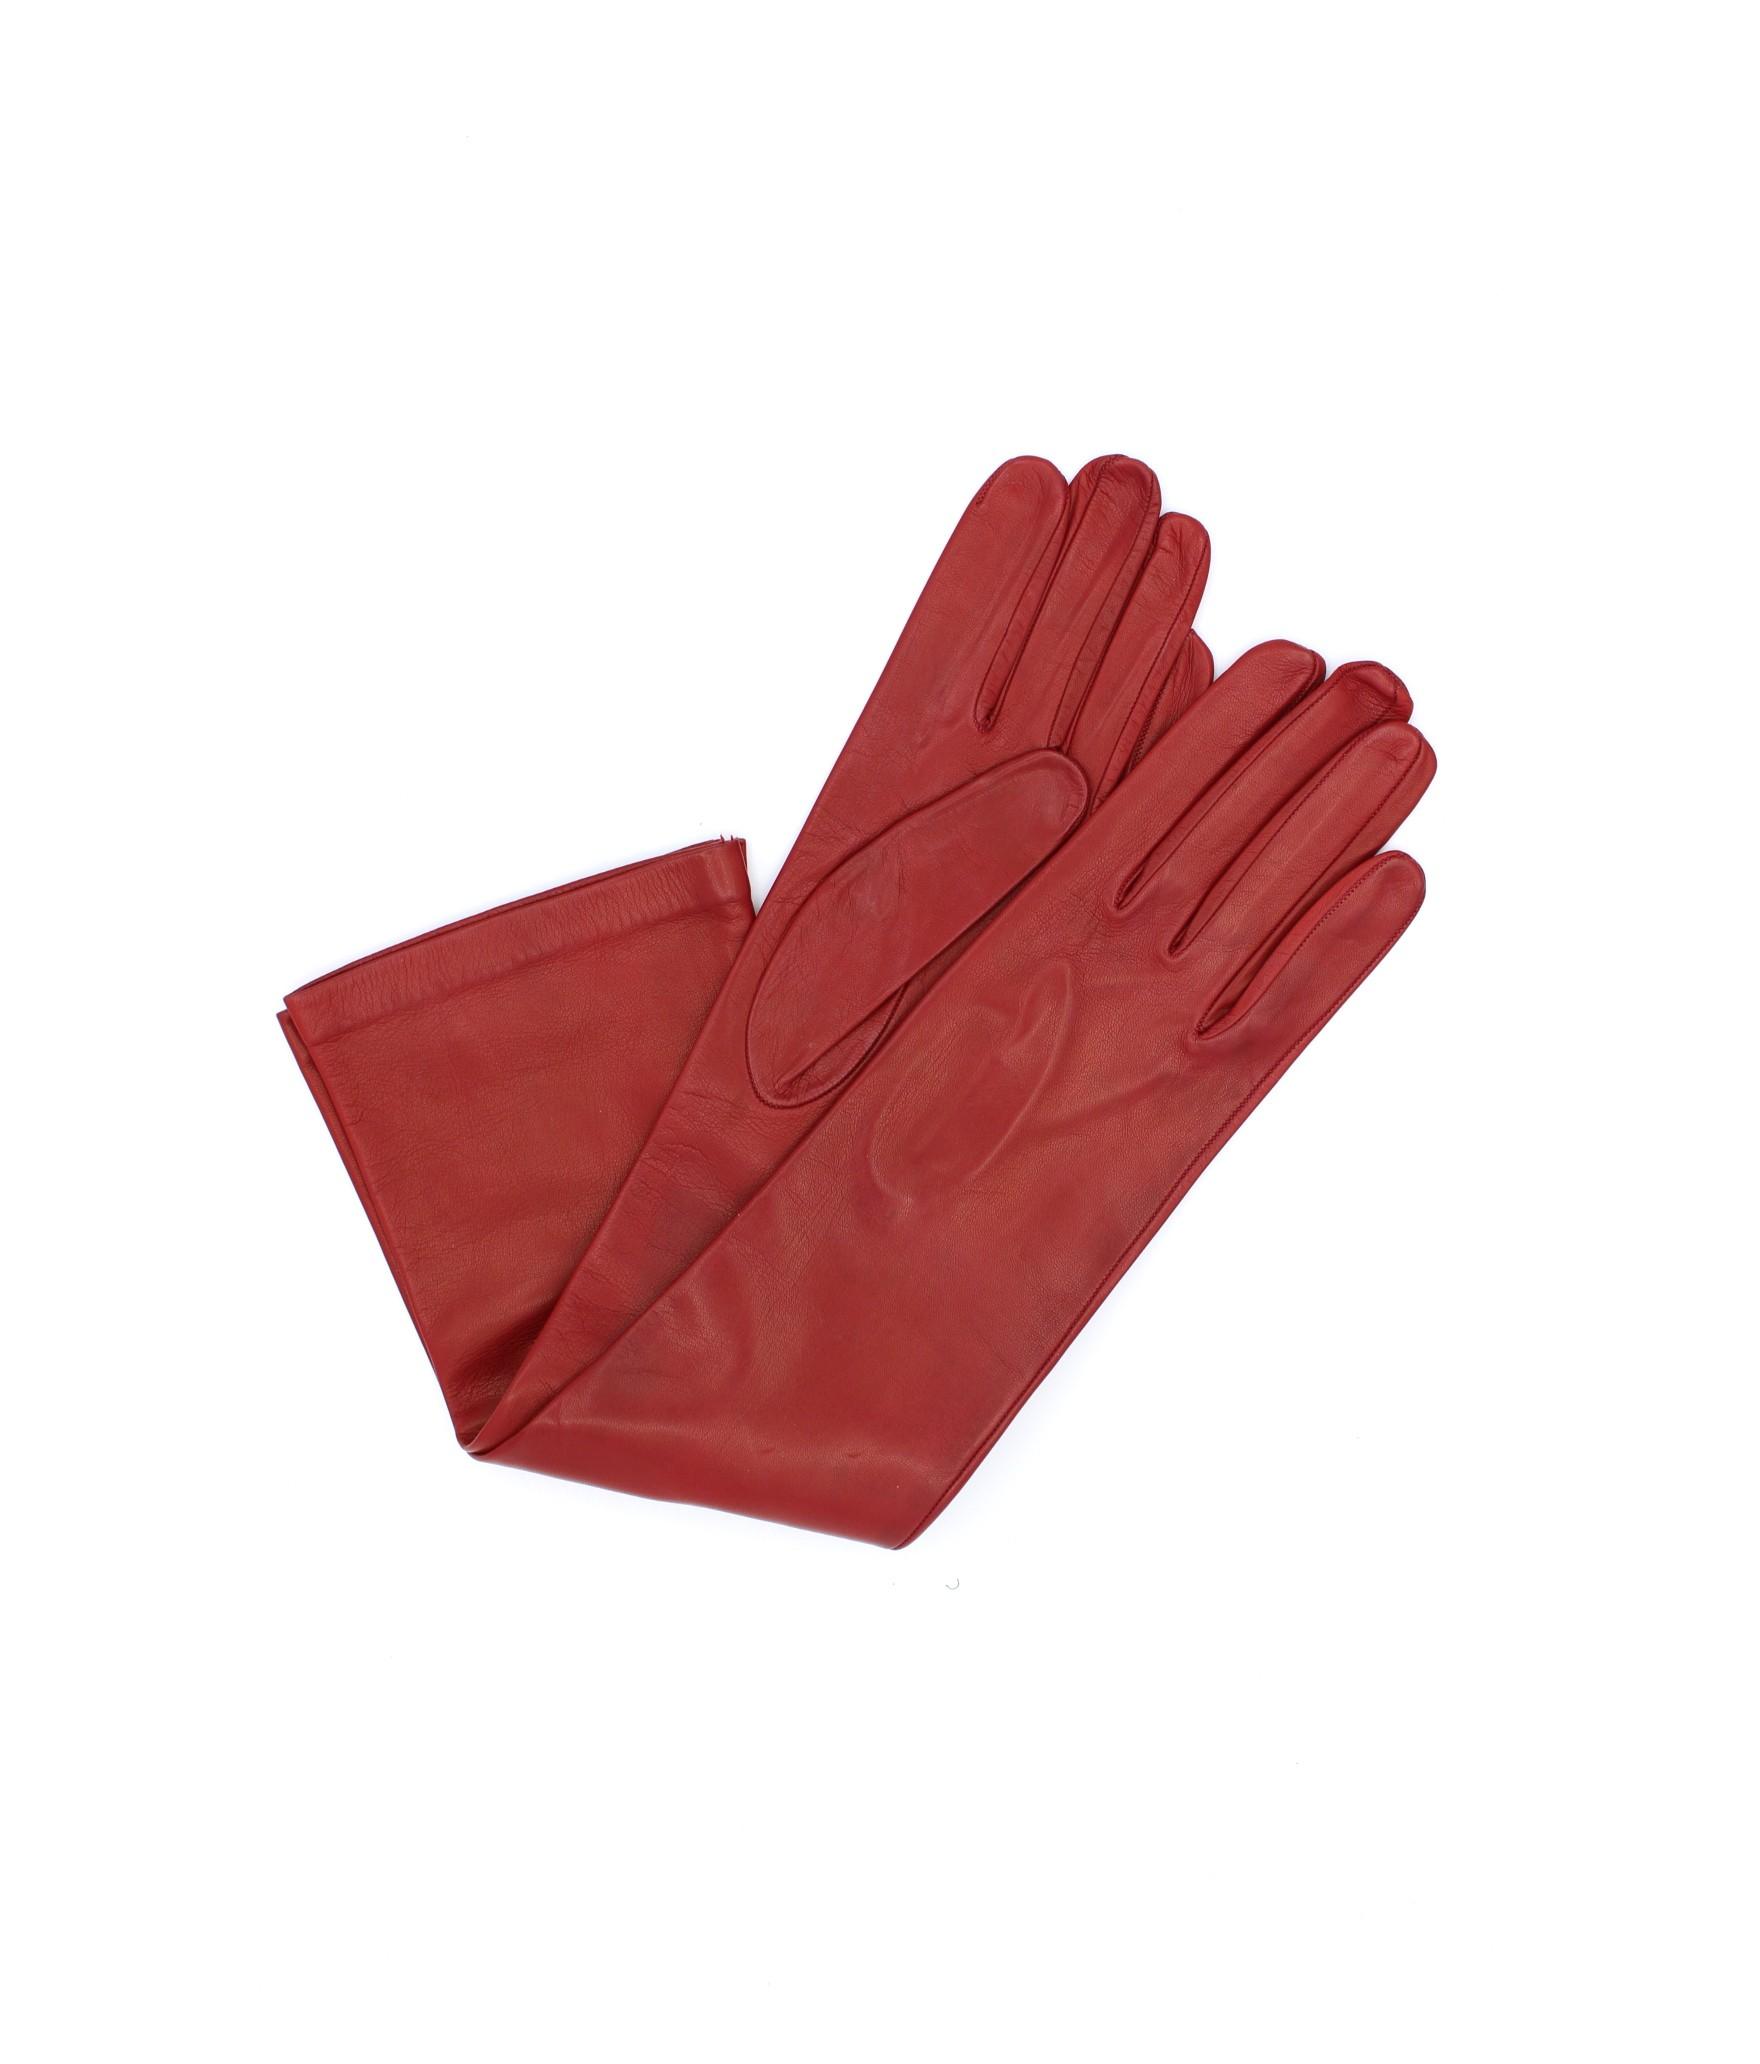 Nappa leather gloves 10bt silk lined Dark Red Sermoneta Gloves